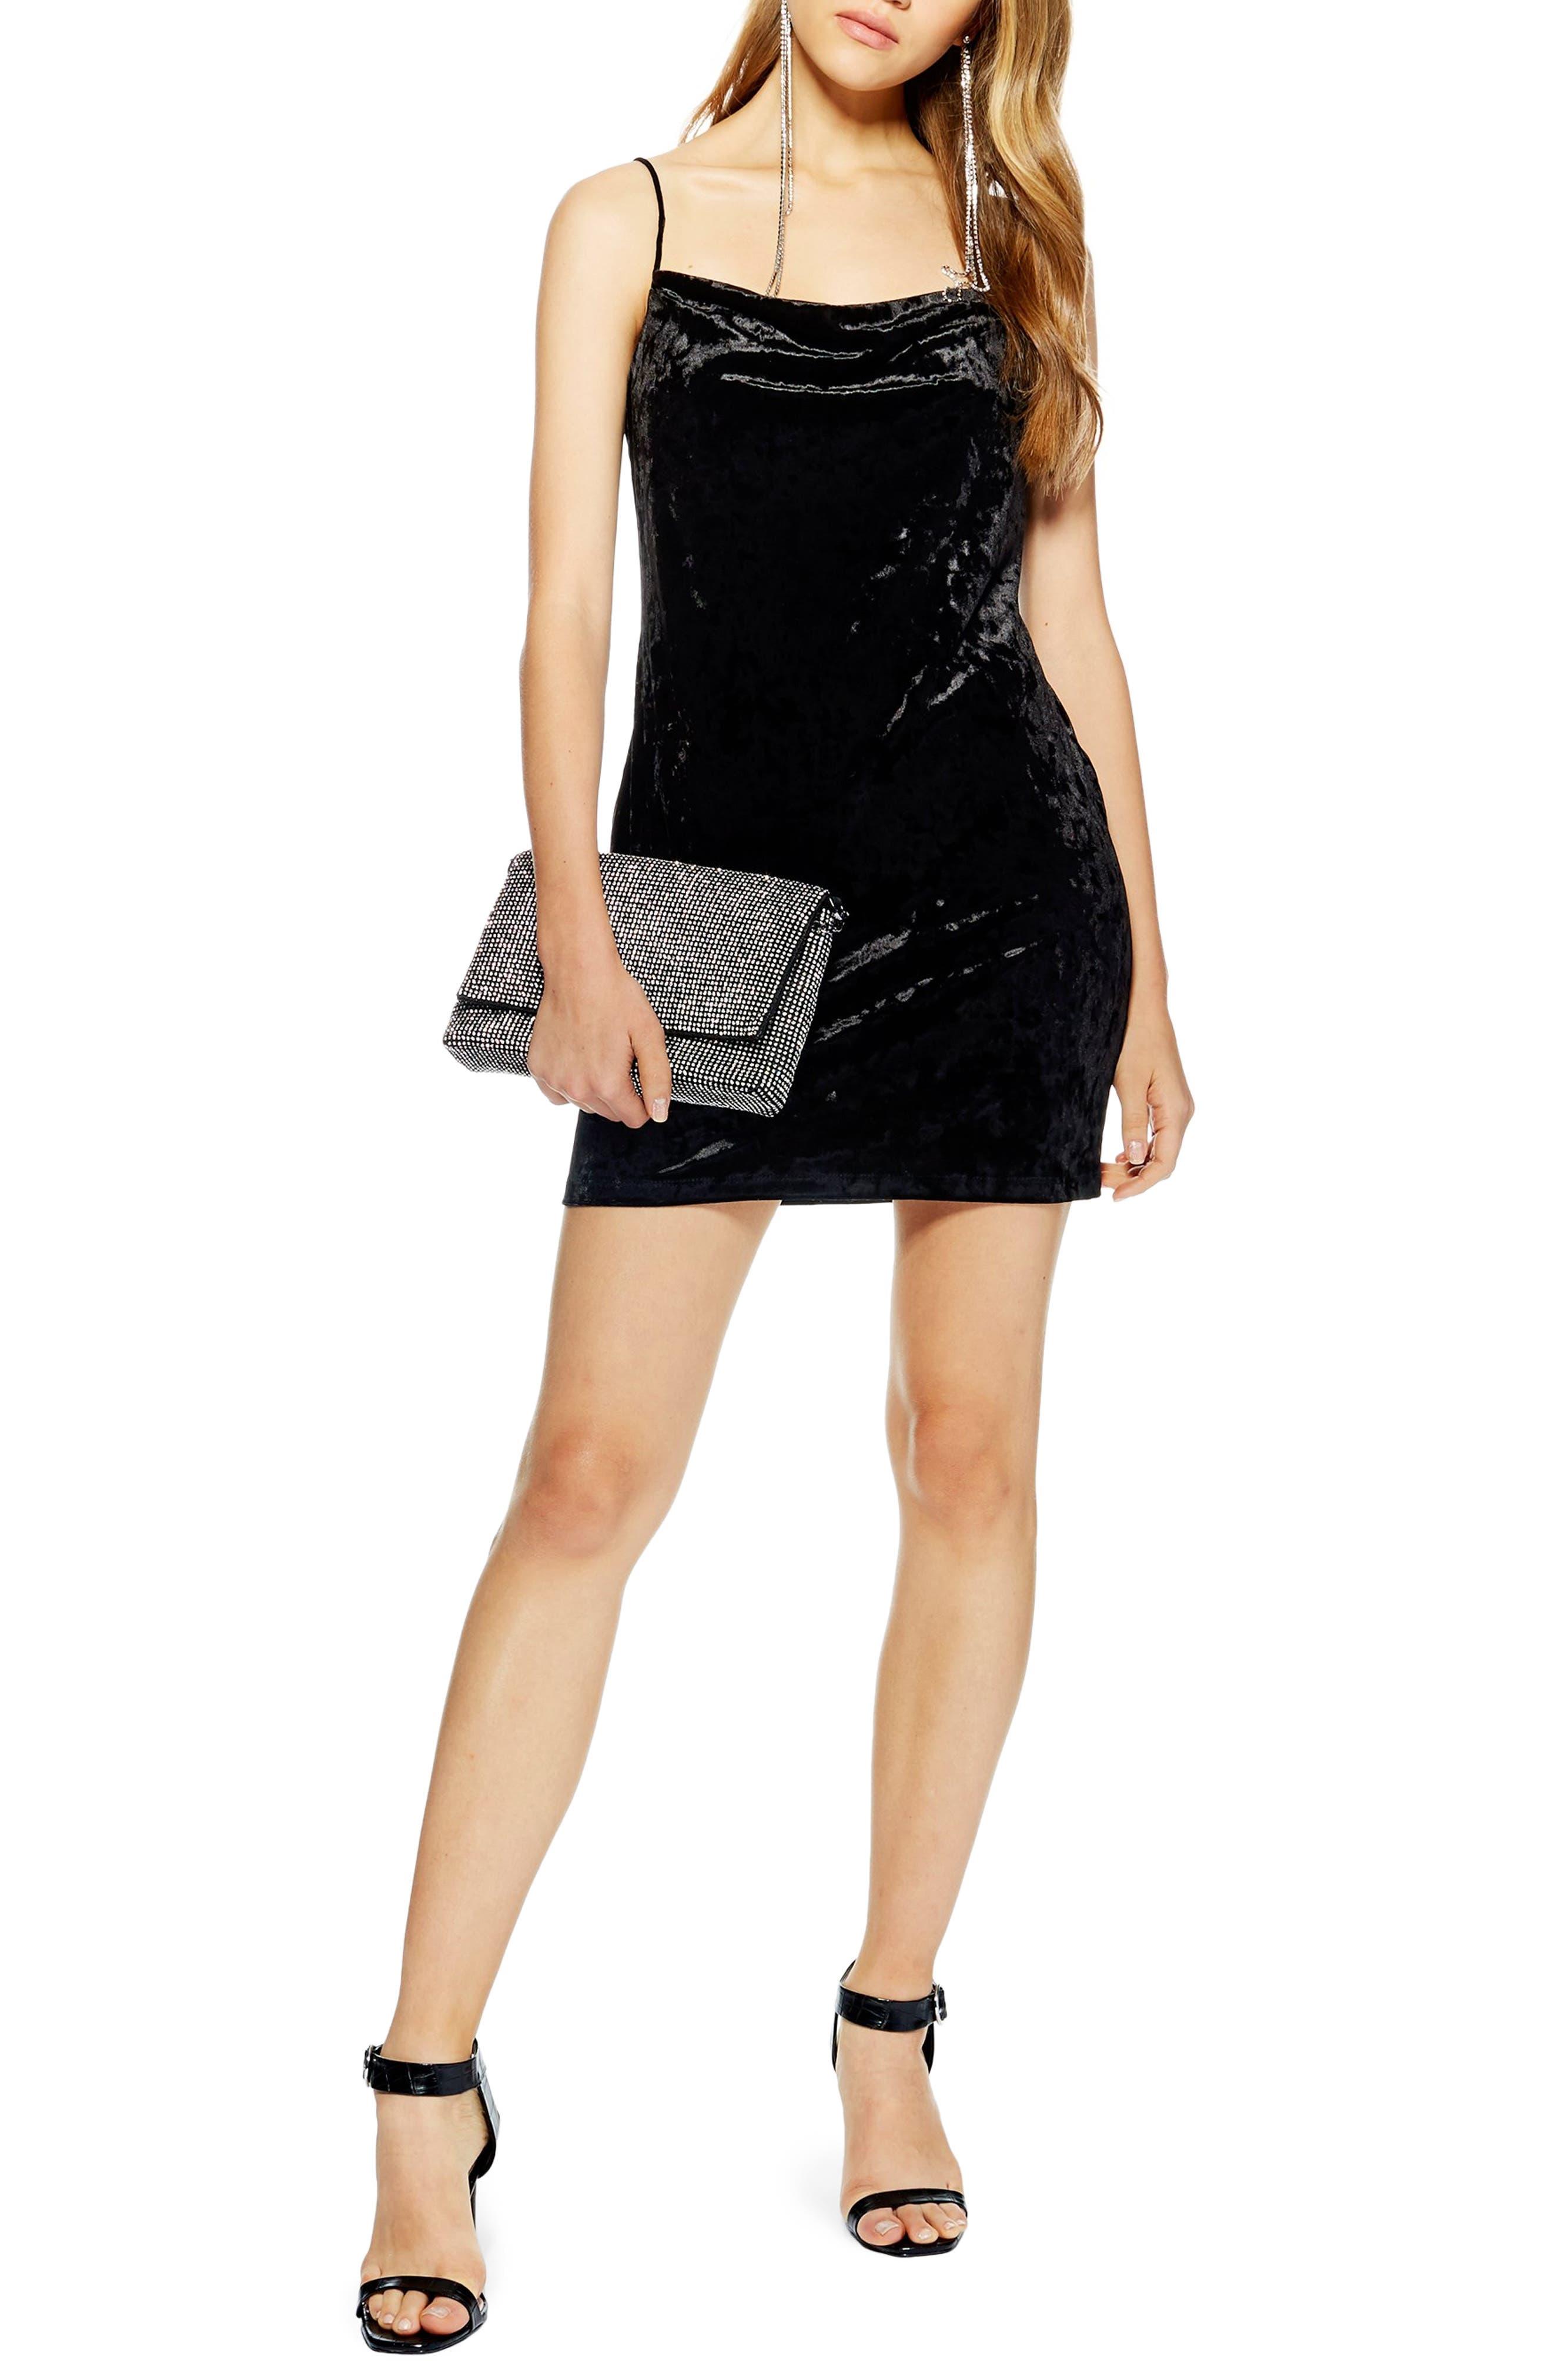 Topshop Cowl Velvet Minidress, US (fits like 10-12) - Green